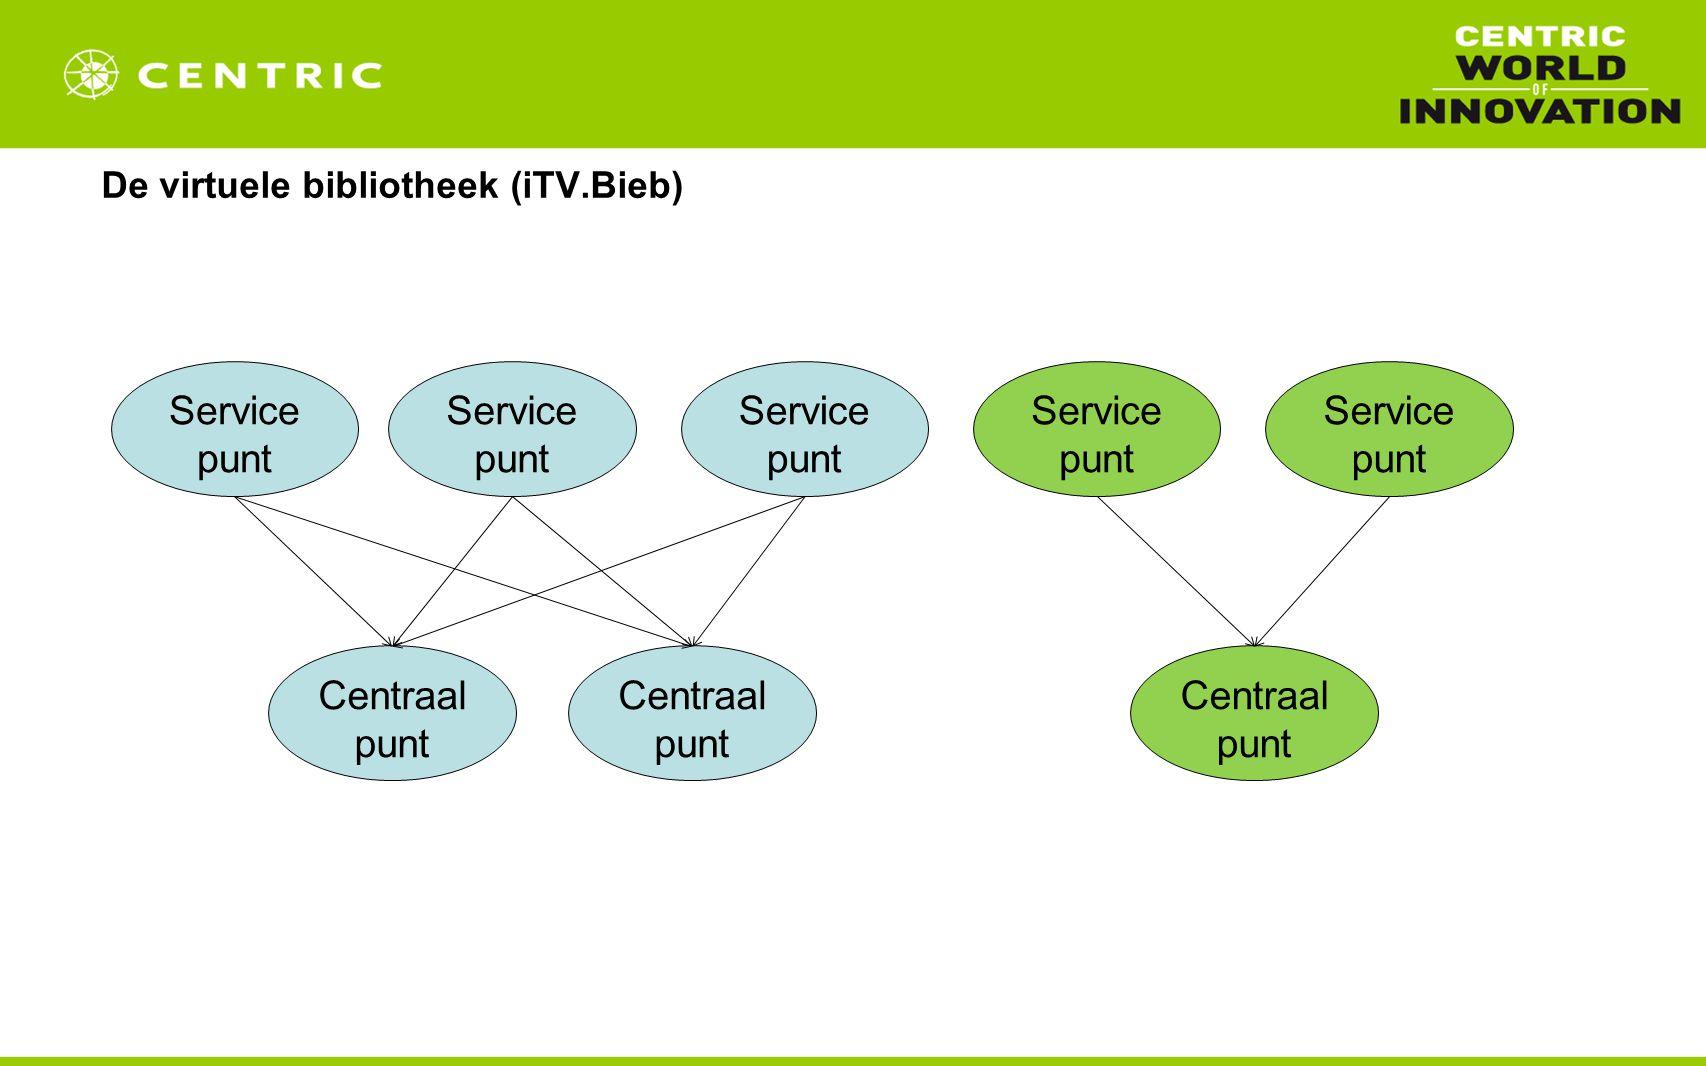 De virtuele bibliotheek (iTV.Bieb) Service punt Centraal punt Service punt Centraal punt